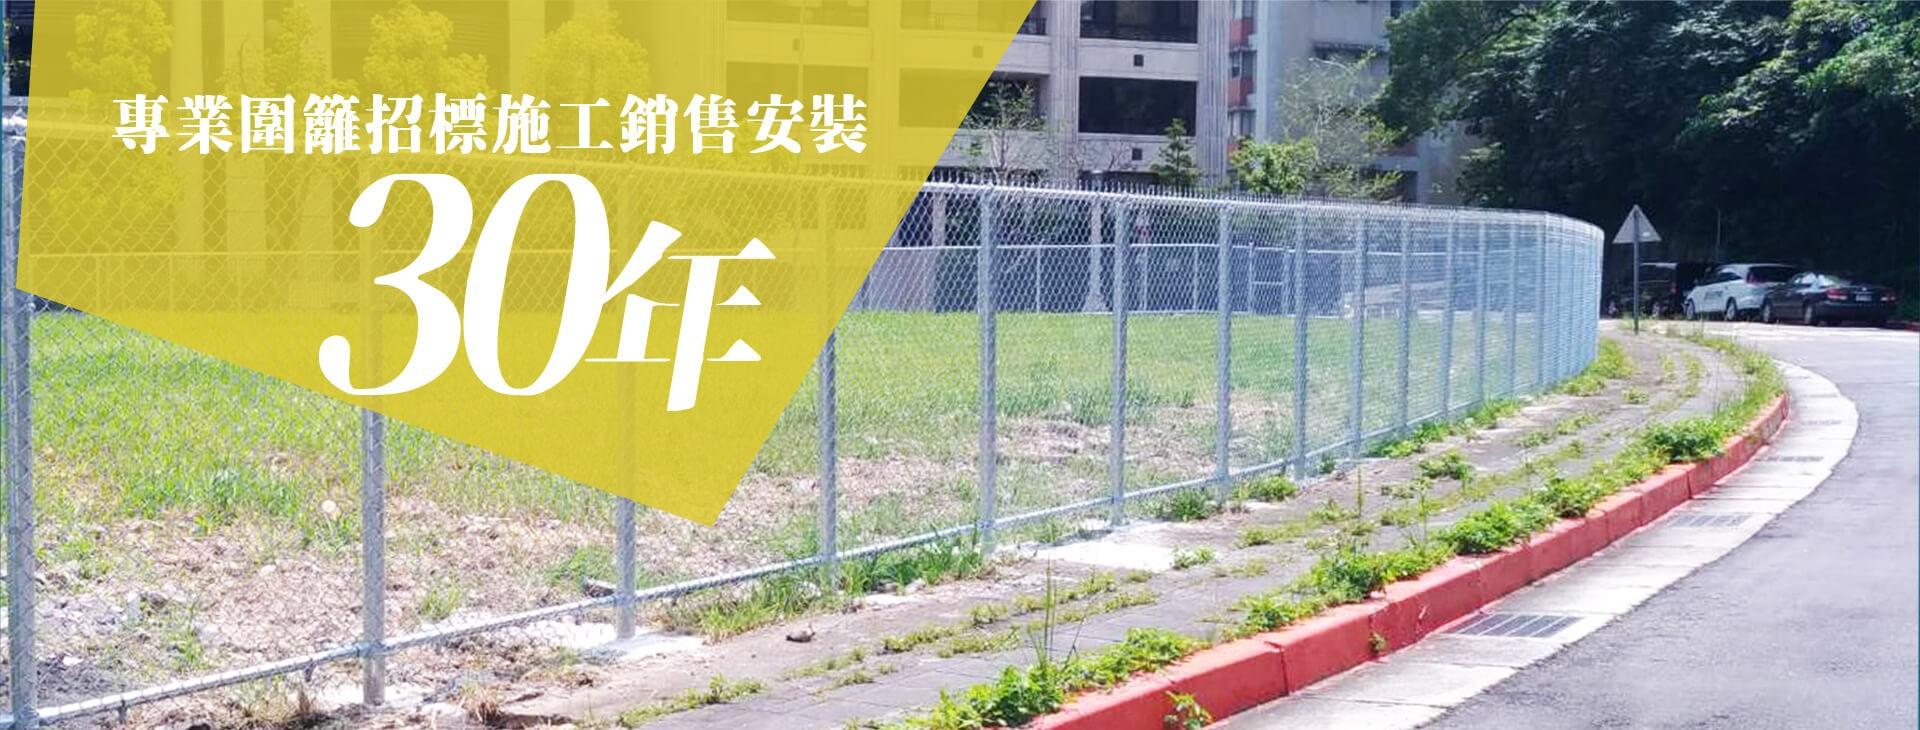 鋼輝實業有限公司 專業圍籬招標施工銷售安裝